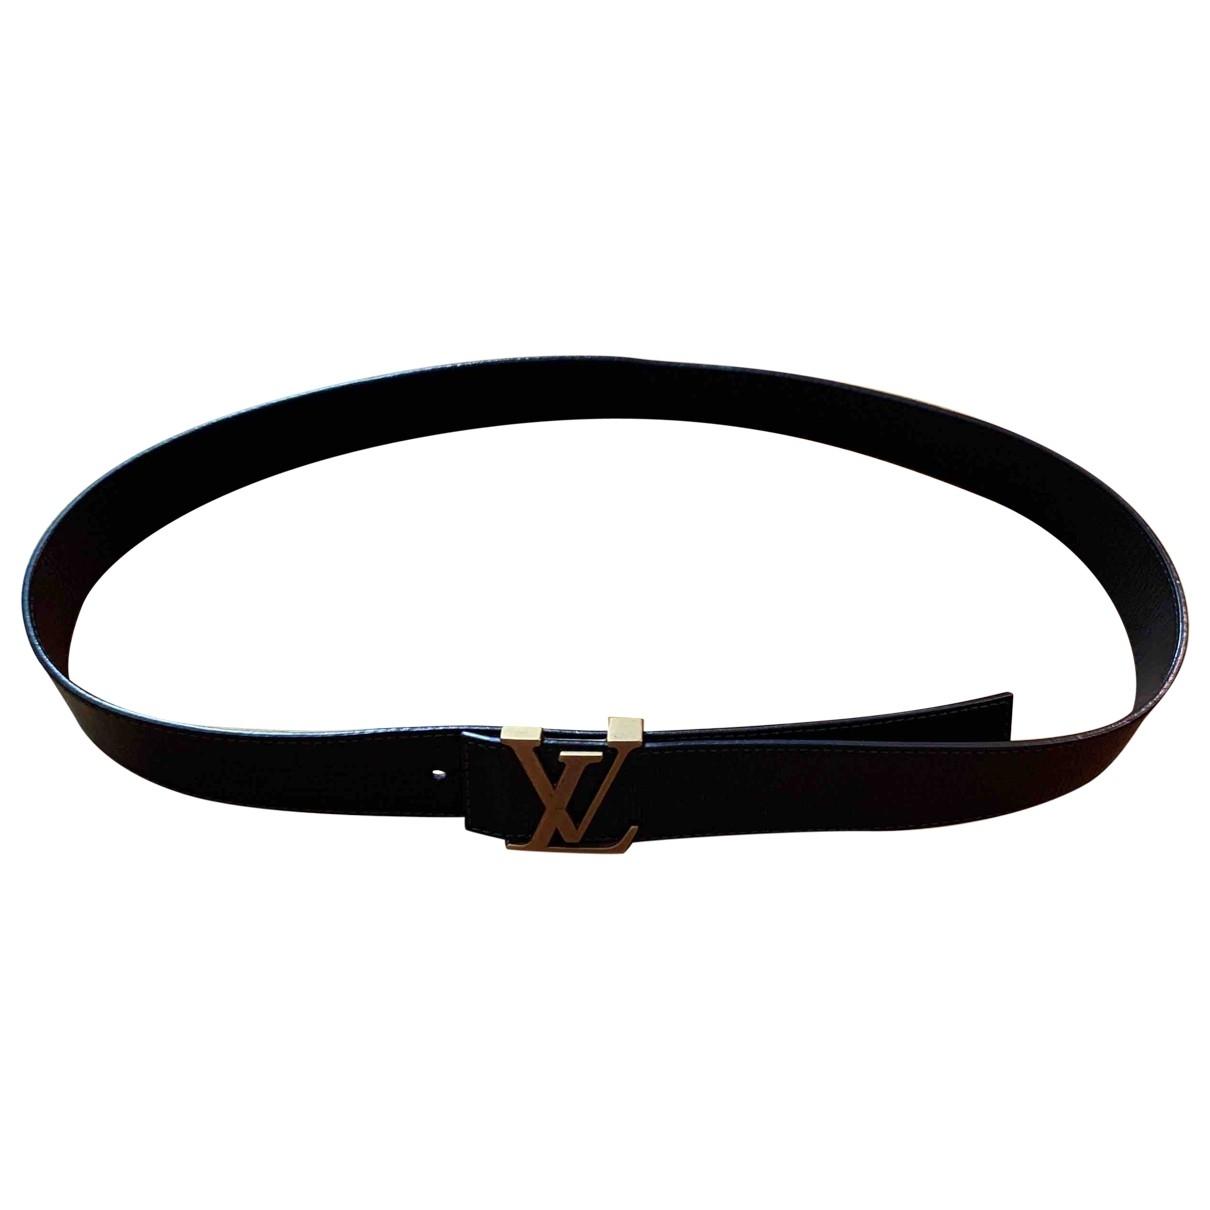 Louis Vuitton Initiales Brown Leather belt for Men 100 cm